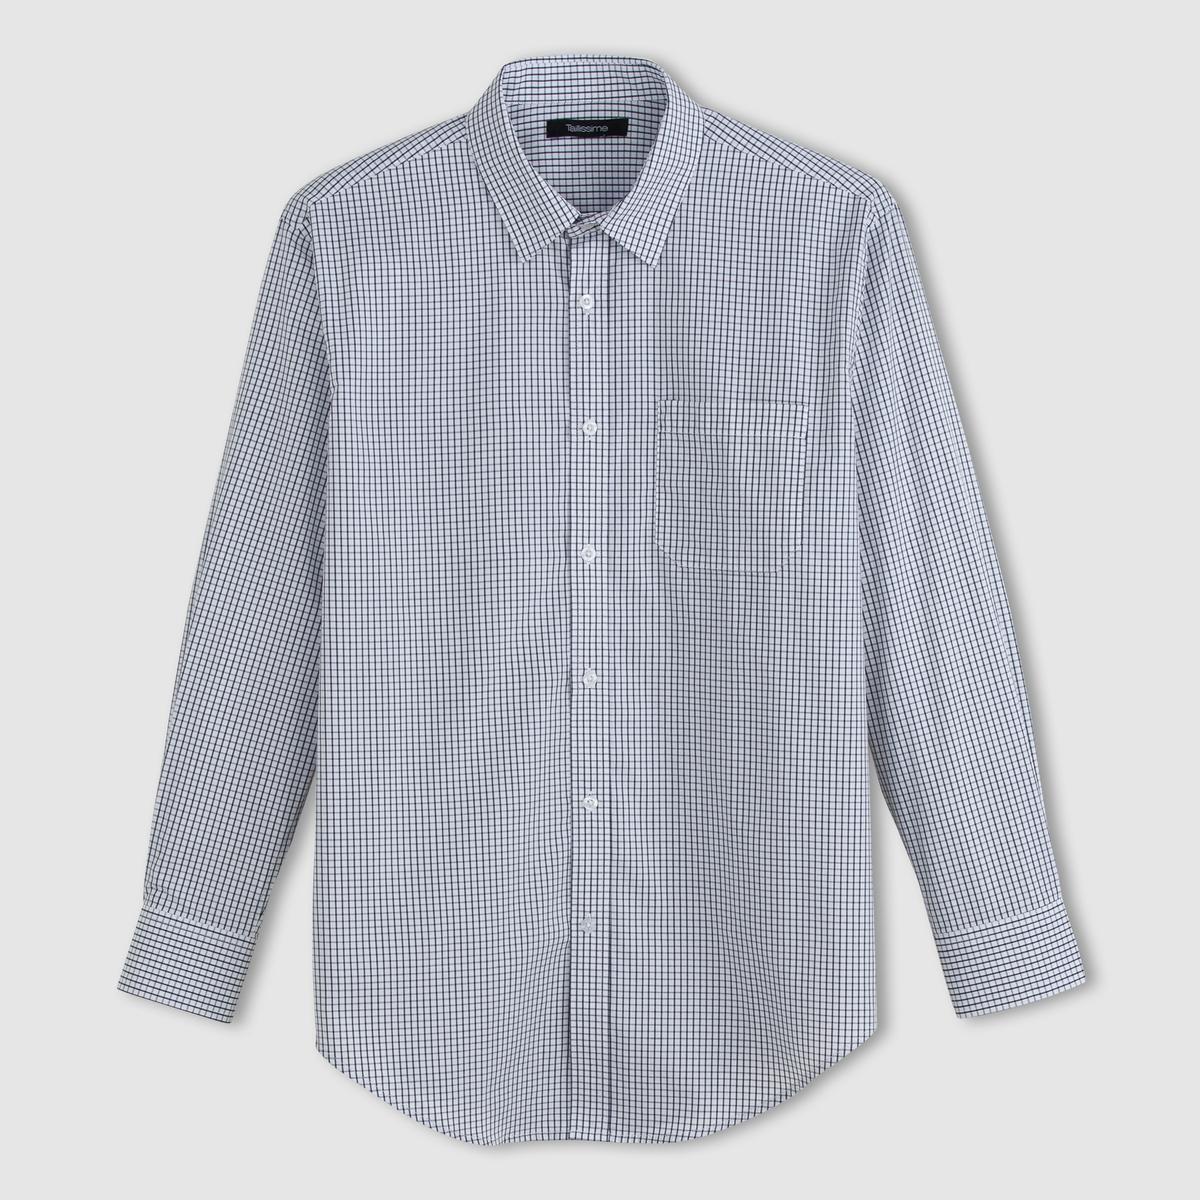 Рубашка из поплина с длинными рукавами, рост 3Рост 3 (при росте от 187 см). - длина рубашки спереди : 87 см для размера 41/42 и 95 см для размера 57/58.- длина рукавов : 69 смДанная модель представлена также для роста 1 (при росте до 176 см) и 2 (при росте 176-187 см) и с короткими рукавами.<br><br>Цвет: белый,голубой,синий морской,черный<br>Размер: 49/50.47/48.57/58.51/52.47/48.45/46.53/54.49/50.43/44